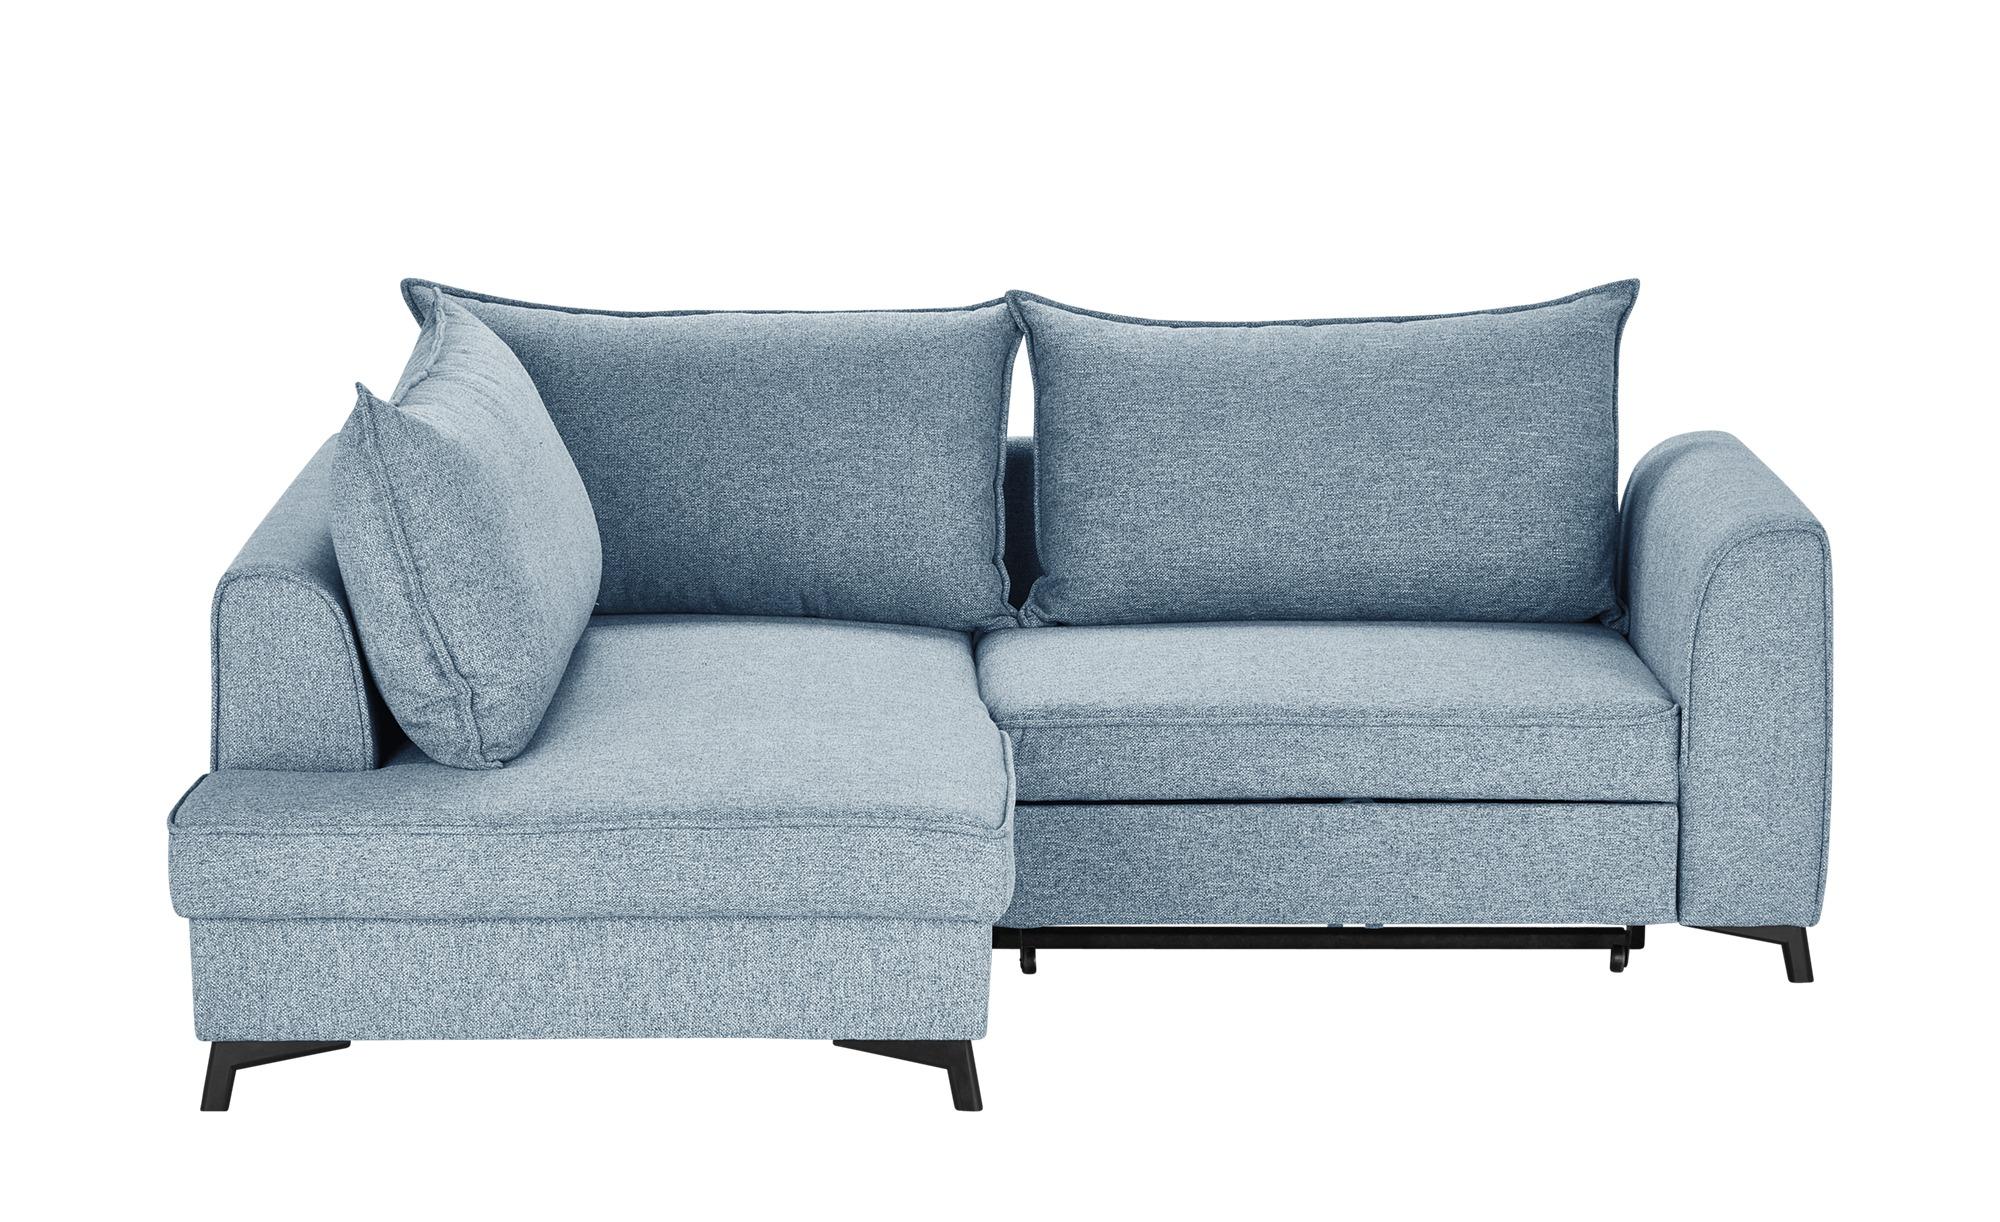 bobb ecksofa theresia blau ma e cm h 95 polsterm bel sofas ecksofas h ffner. Black Bedroom Furniture Sets. Home Design Ideas